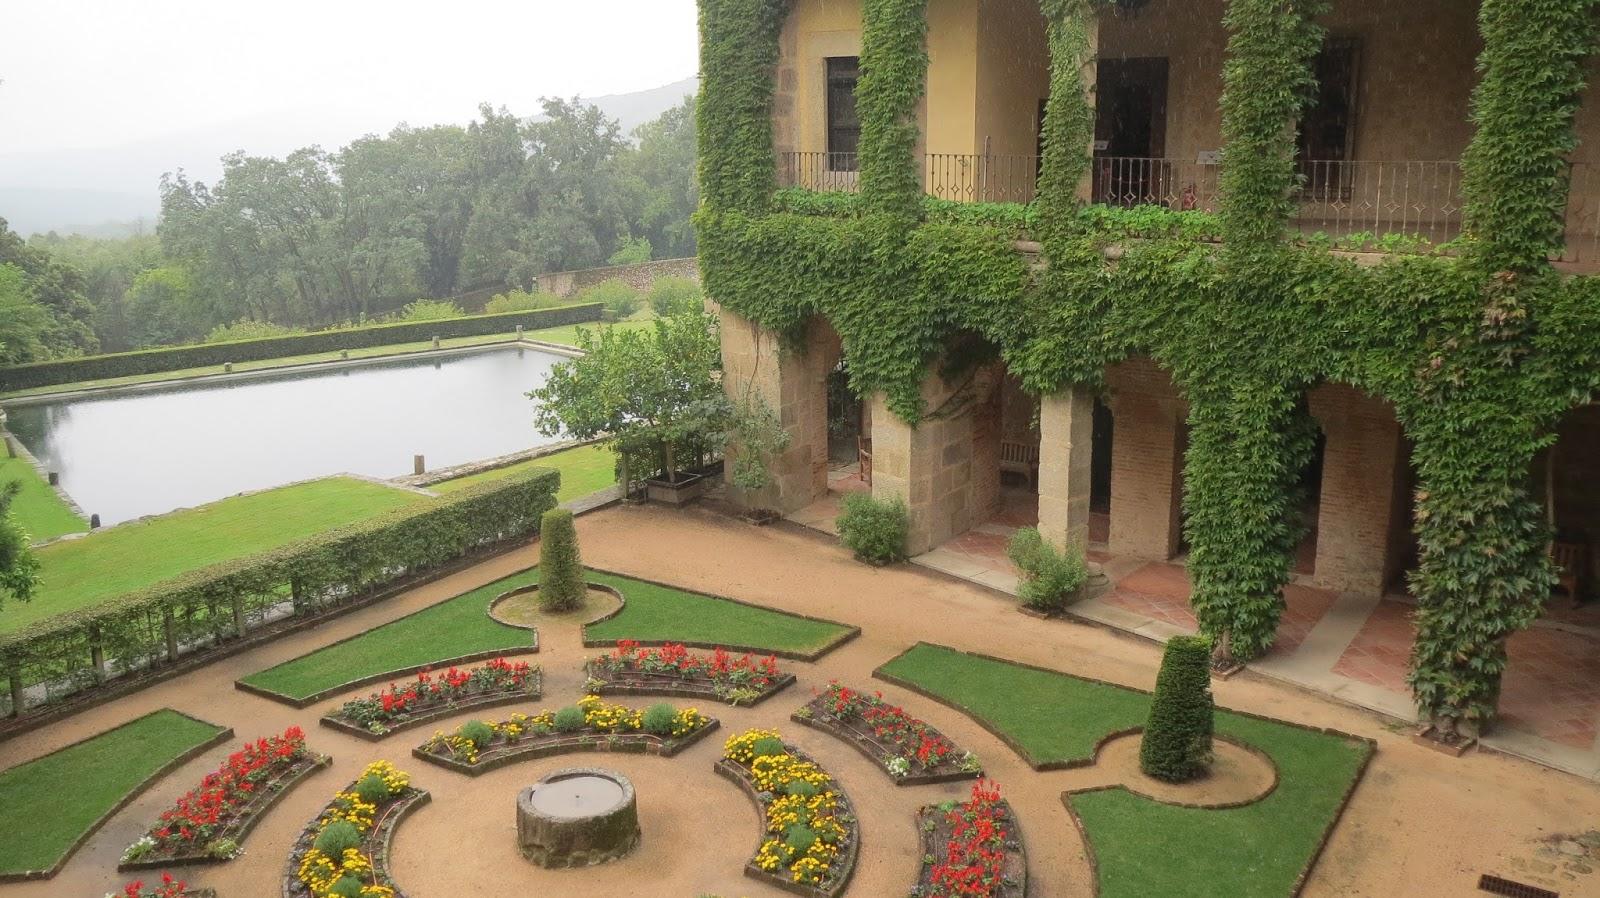 hortibus voyage palais et jardins prives d 39 espagne vmf 27. Black Bedroom Furniture Sets. Home Design Ideas